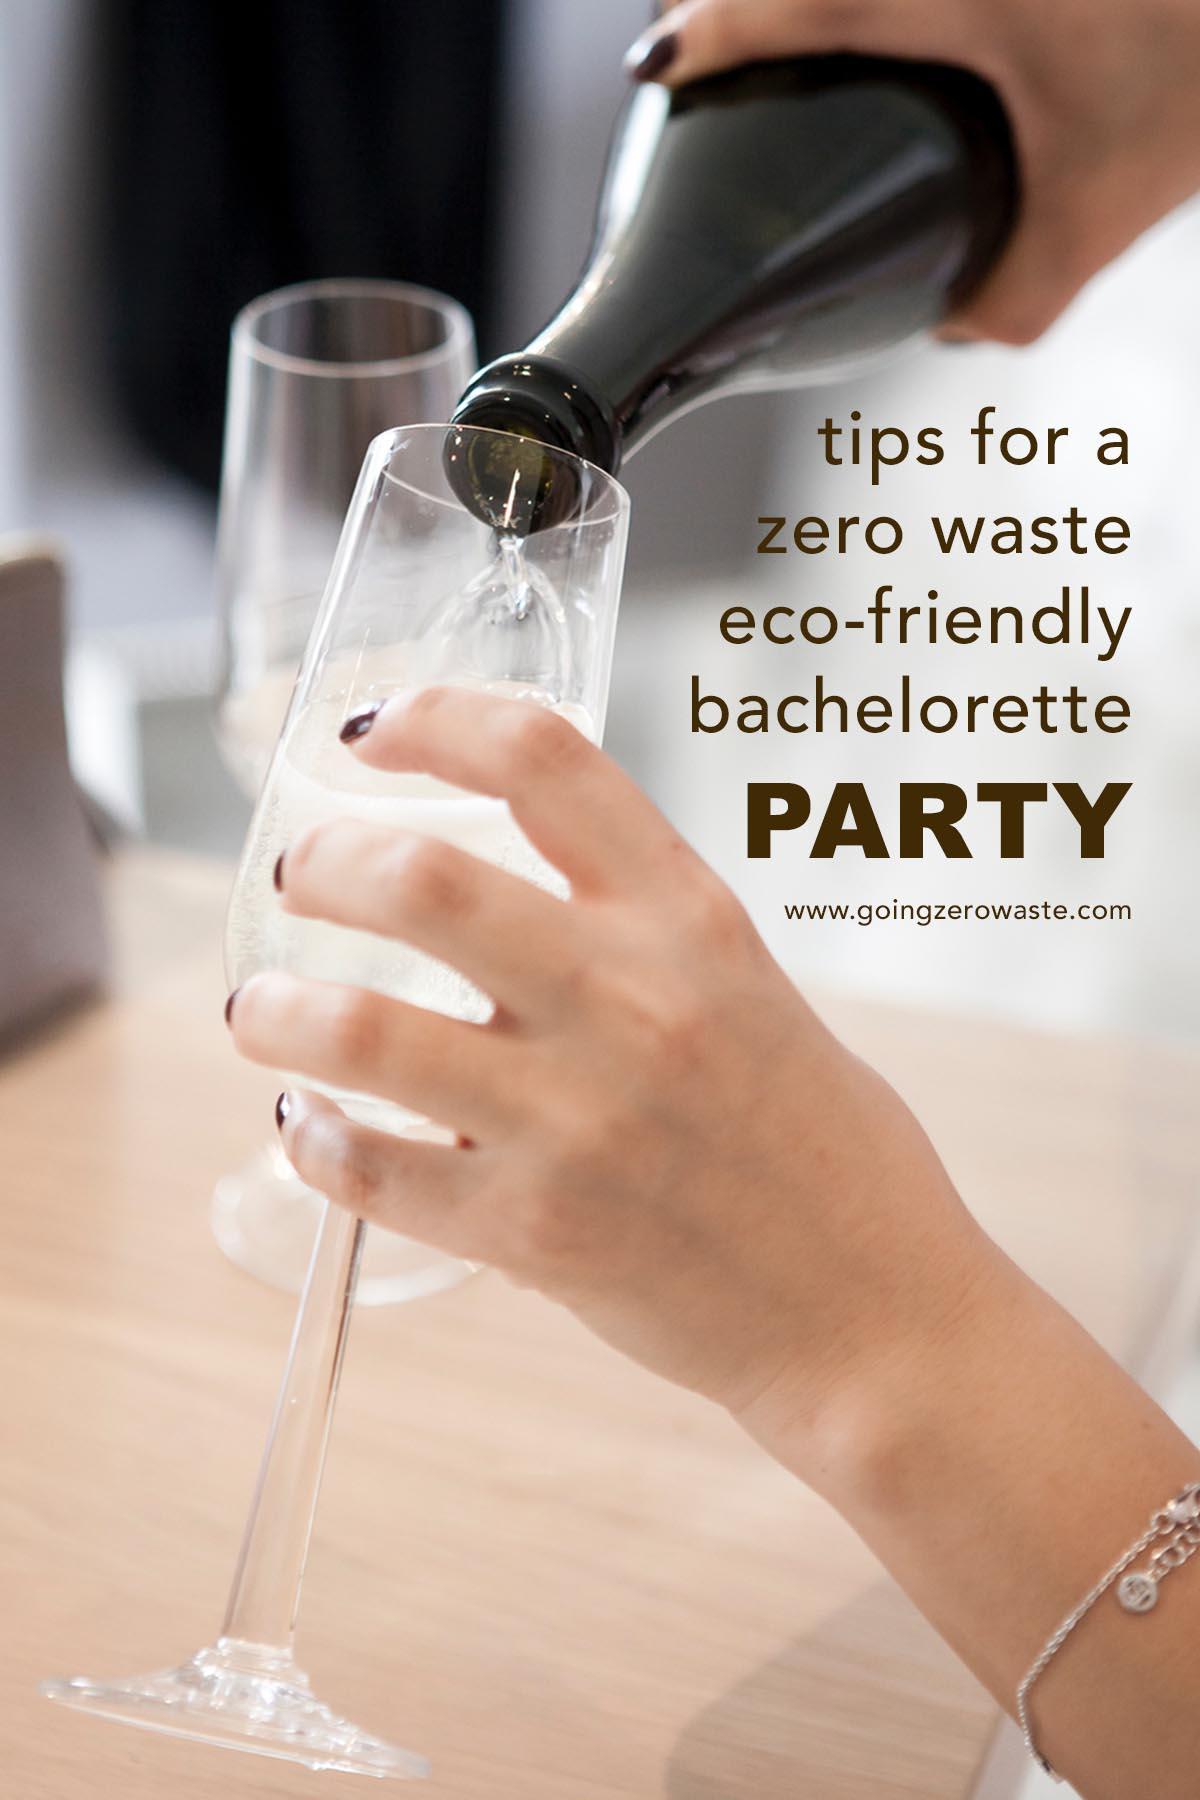 My zero waste bachelorette party from www.goingzerowaste.com #bachelorette #zerowaste #ecofriendly #bachelorretteparty #weddings